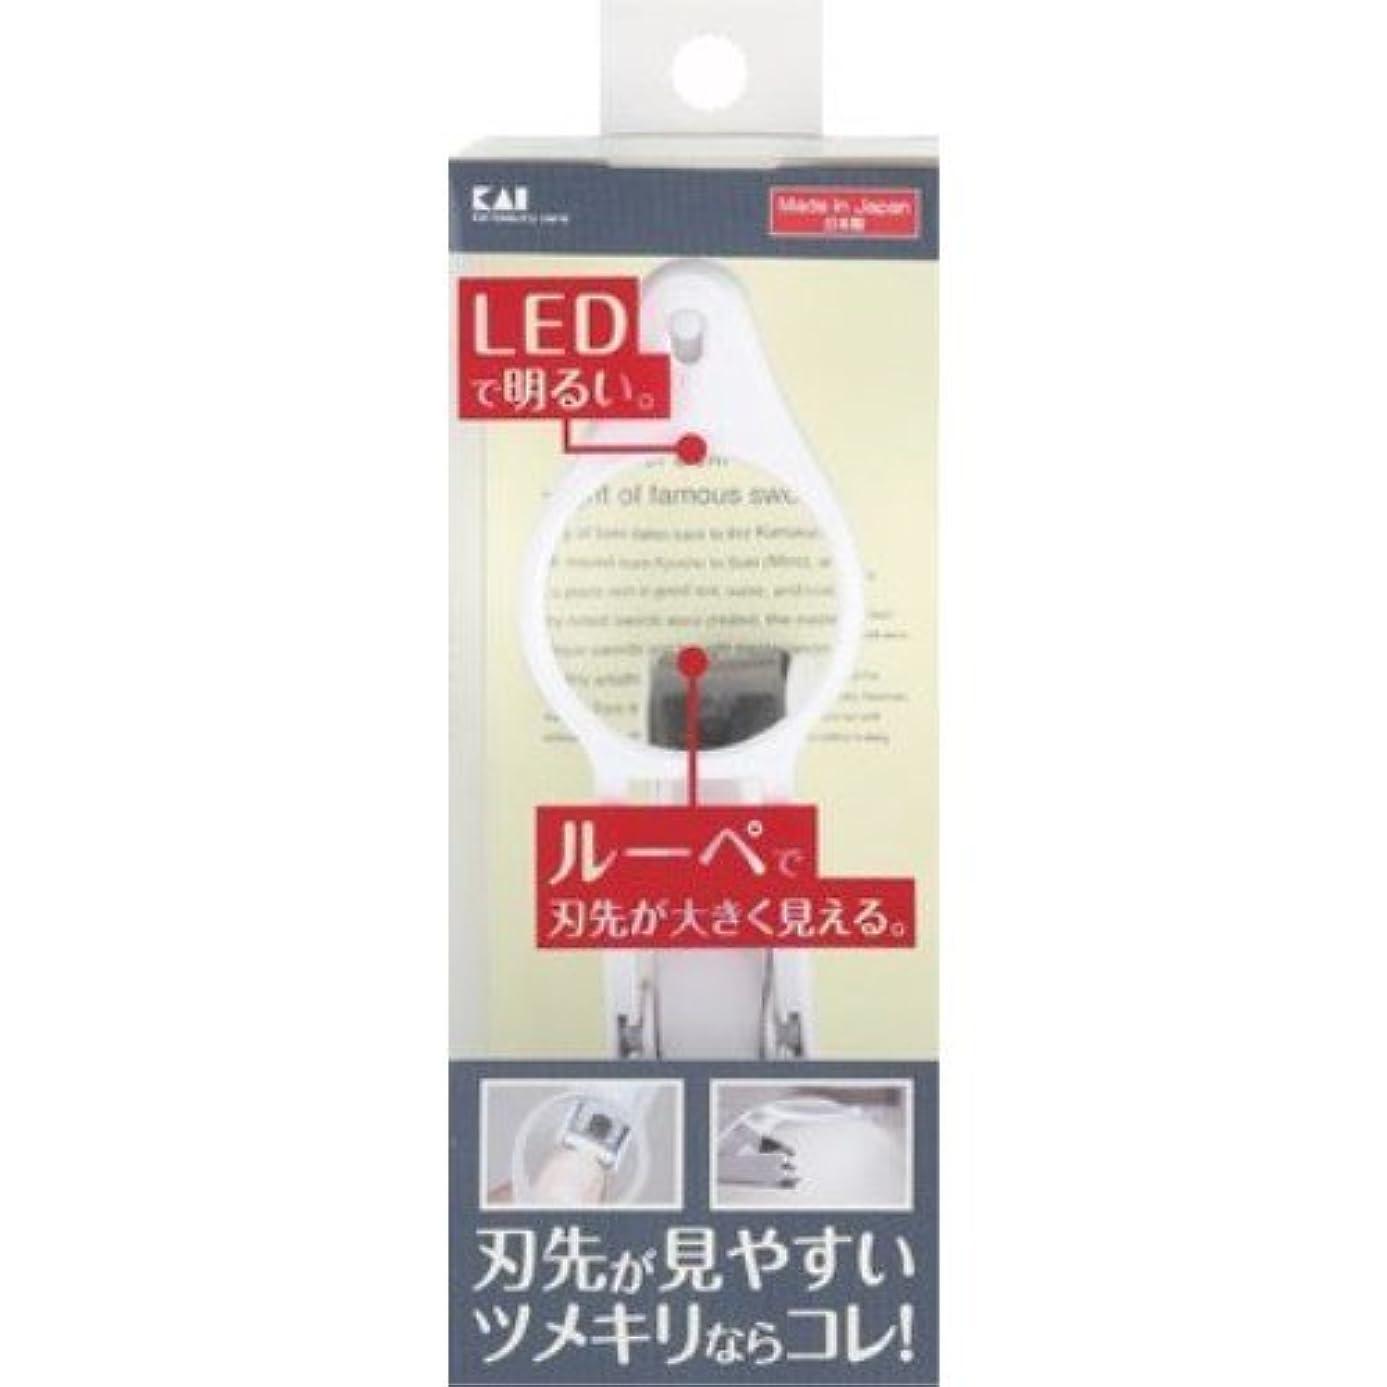 驚いた思い出す壊す貝印 LEDルーペ付きツメキリ KQ0334